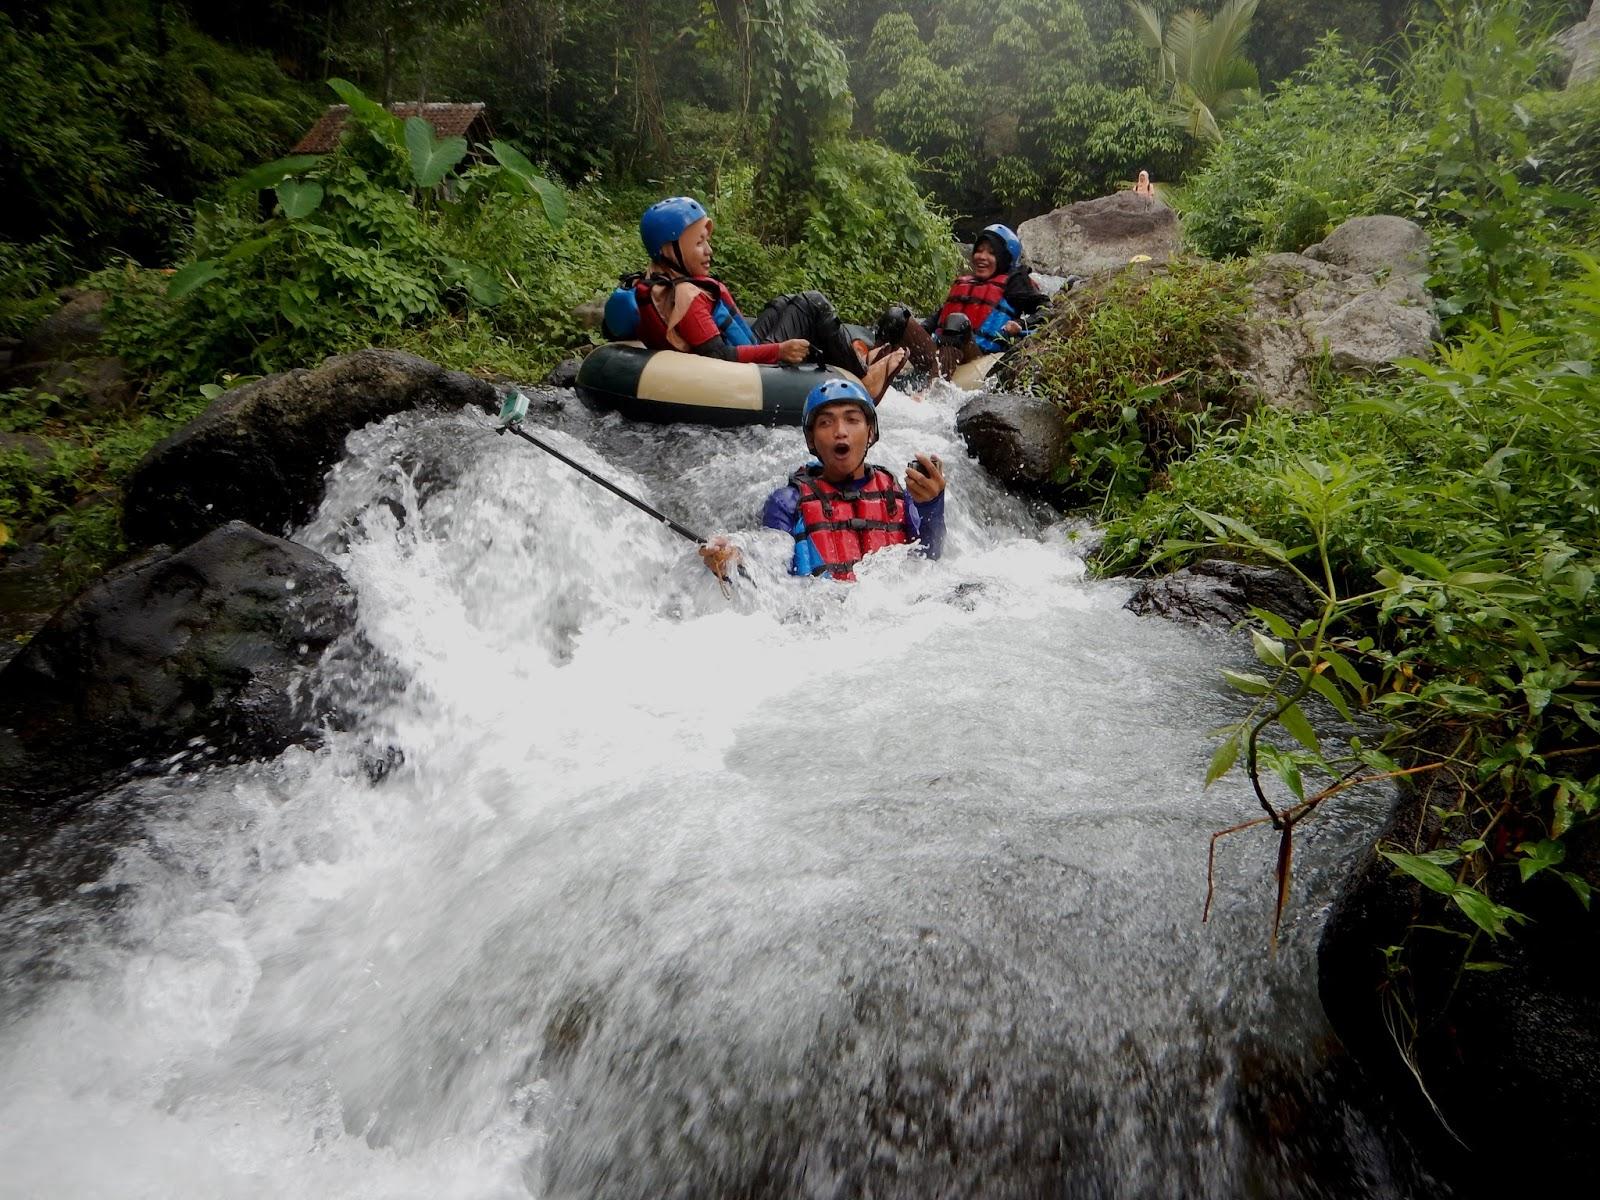 Wisata Tubing Di Sungai Mencerit Lombok Timur Lombok Atraktif